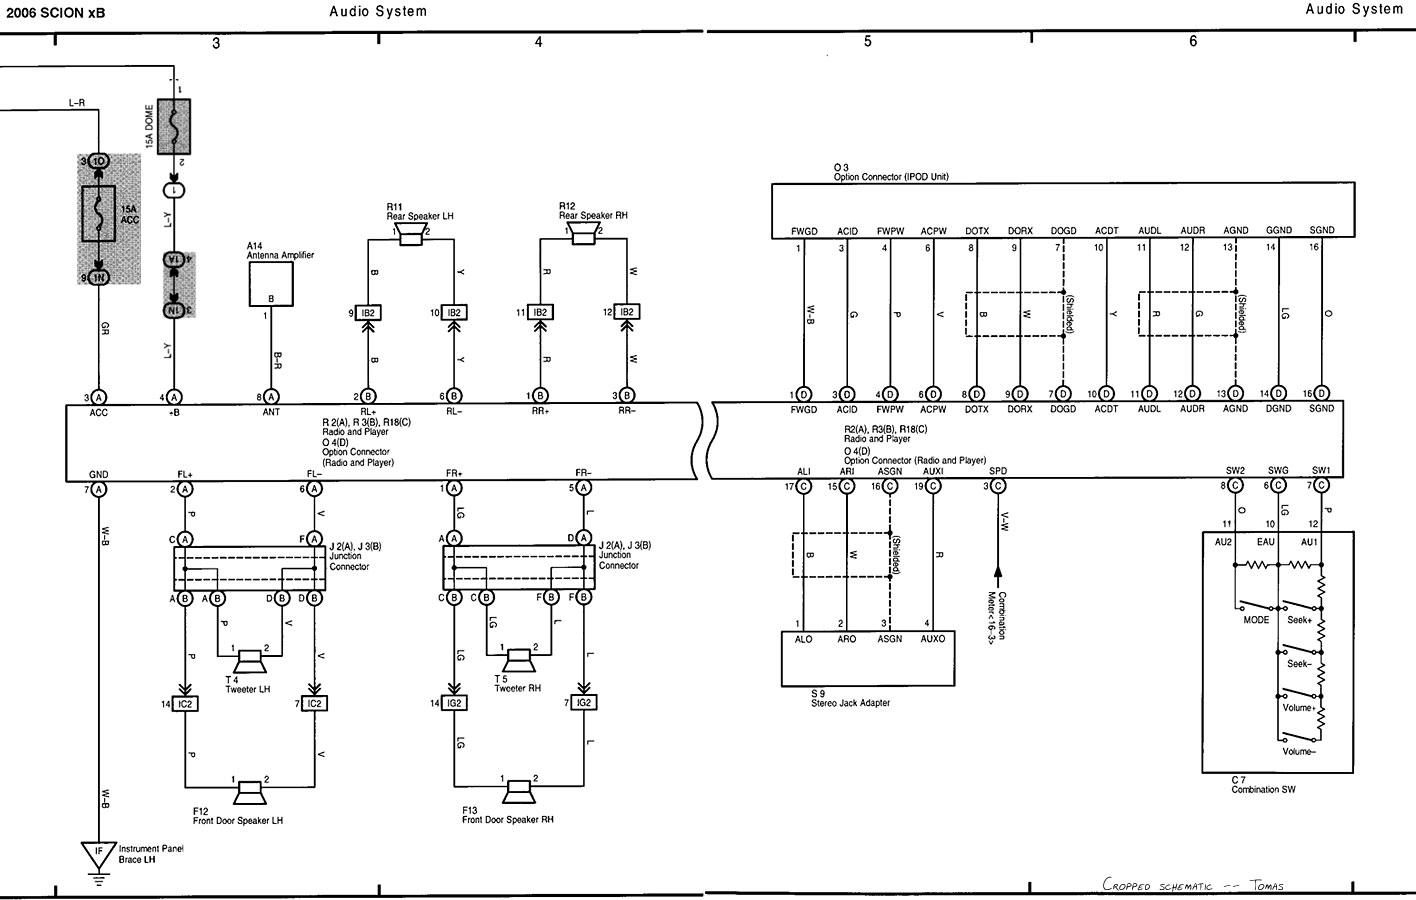 scion 4 wire sensor diagram wiring diagram explained pin wiring diagram pnp wiring diagram 2004 [ 1416 x 900 Pixel ]